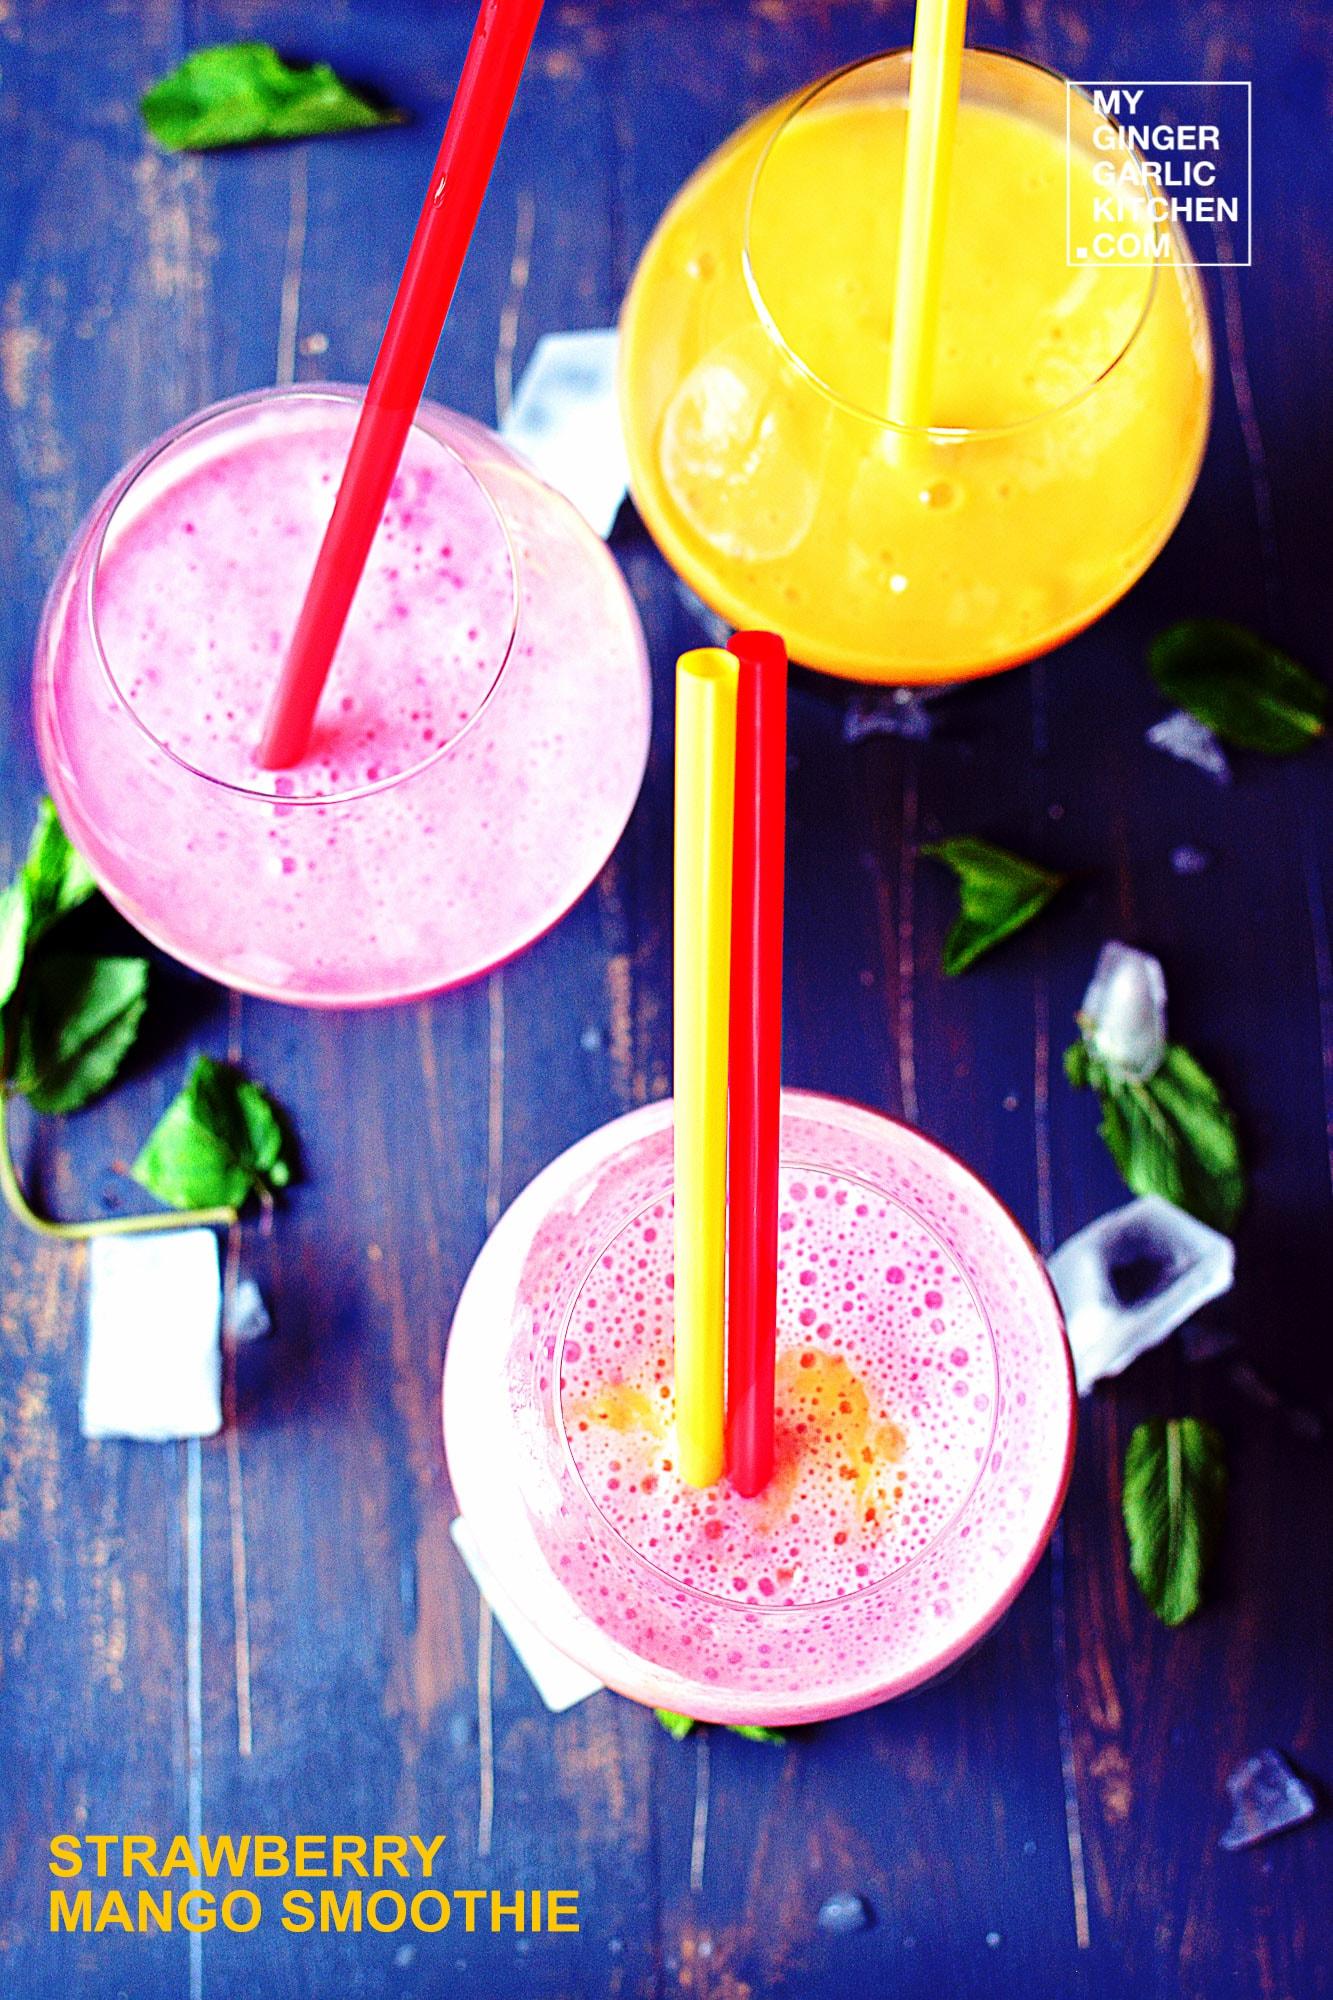 Image - recipe strawberry mango milkshake anupama paliwal my ginger garlic kitchen 3 copy